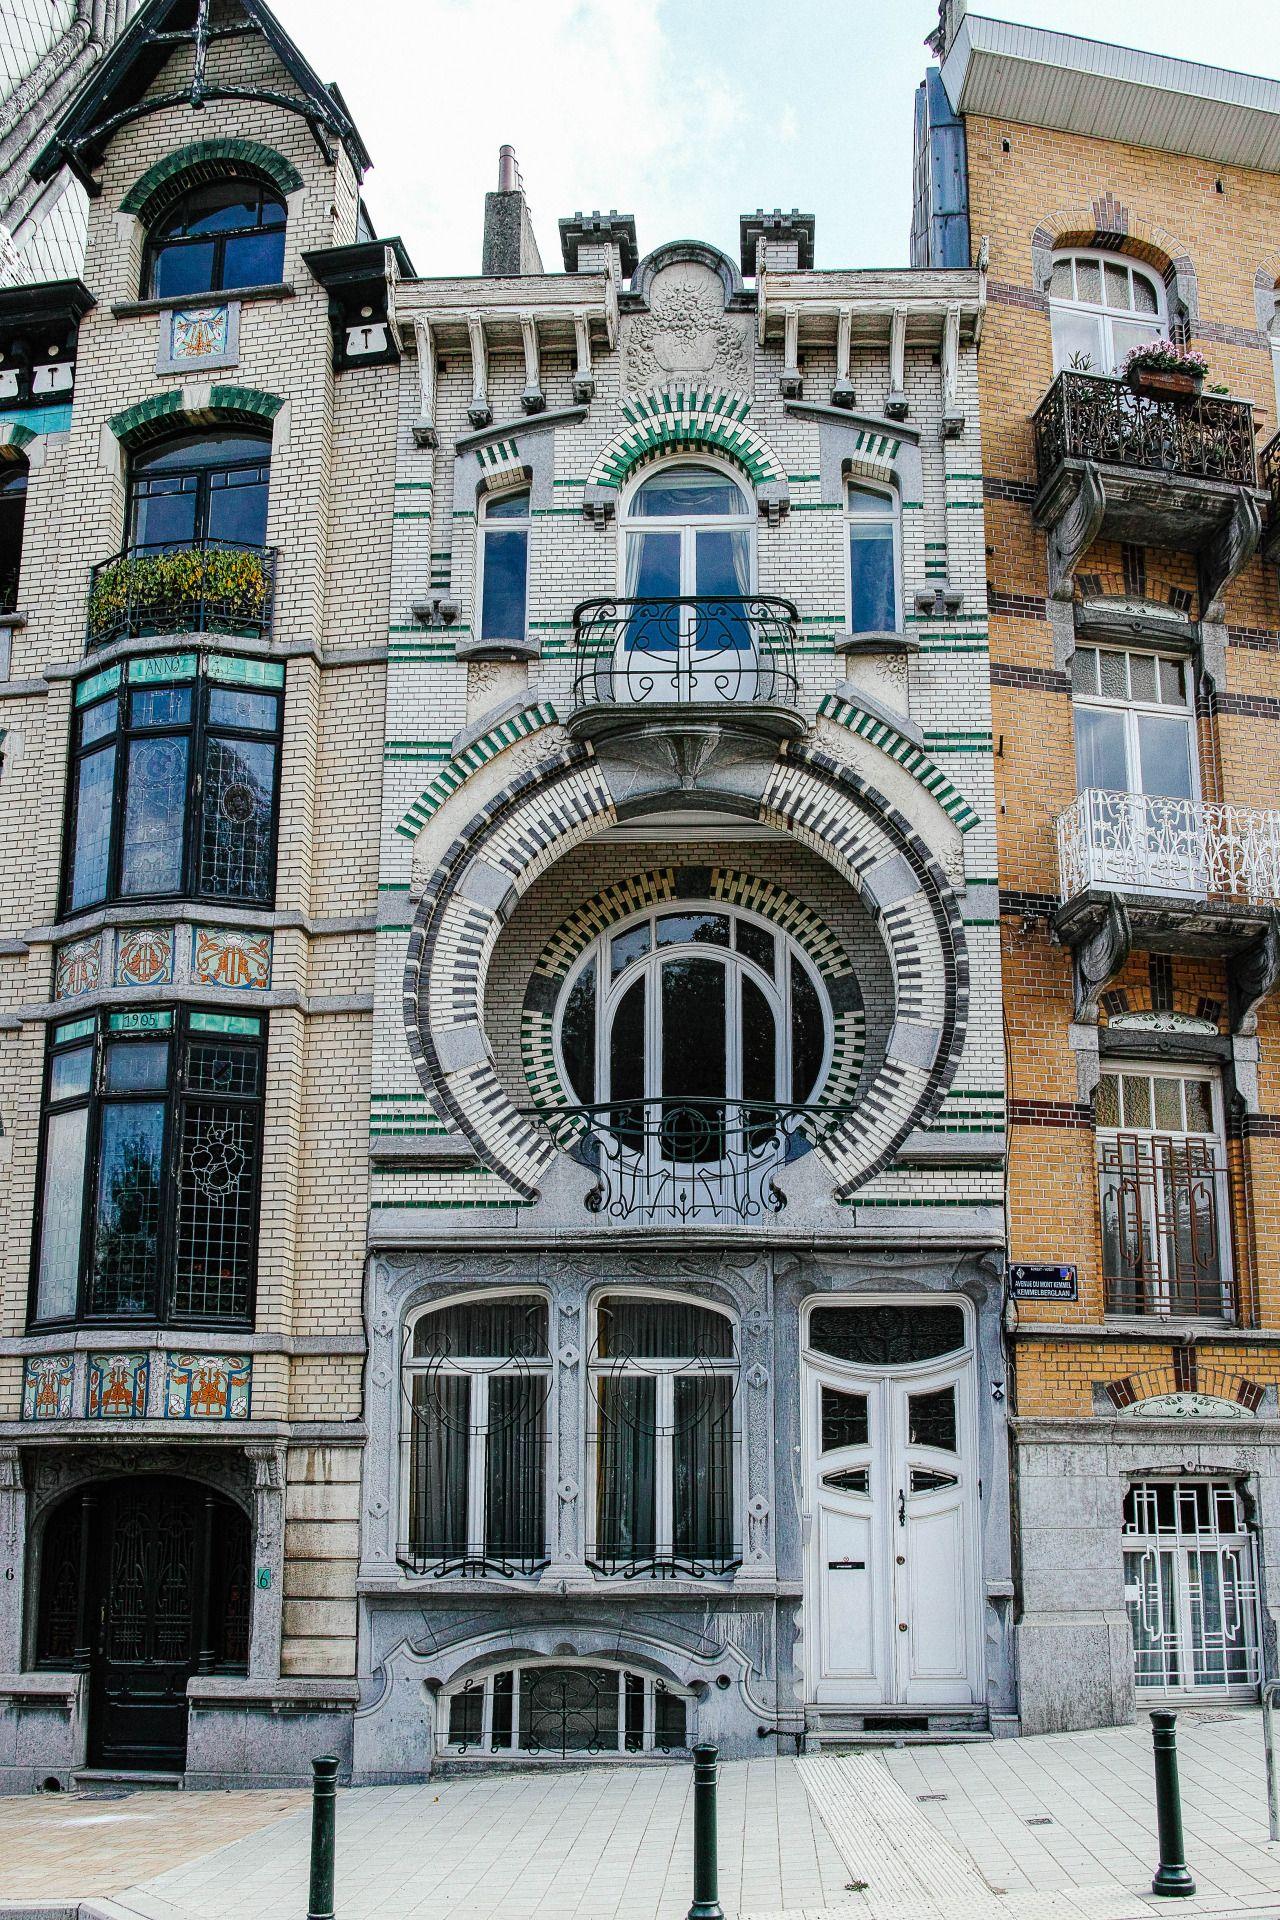 La casa nelissen es un edificio de estilo art nouveau en Art nouveau arquitectura